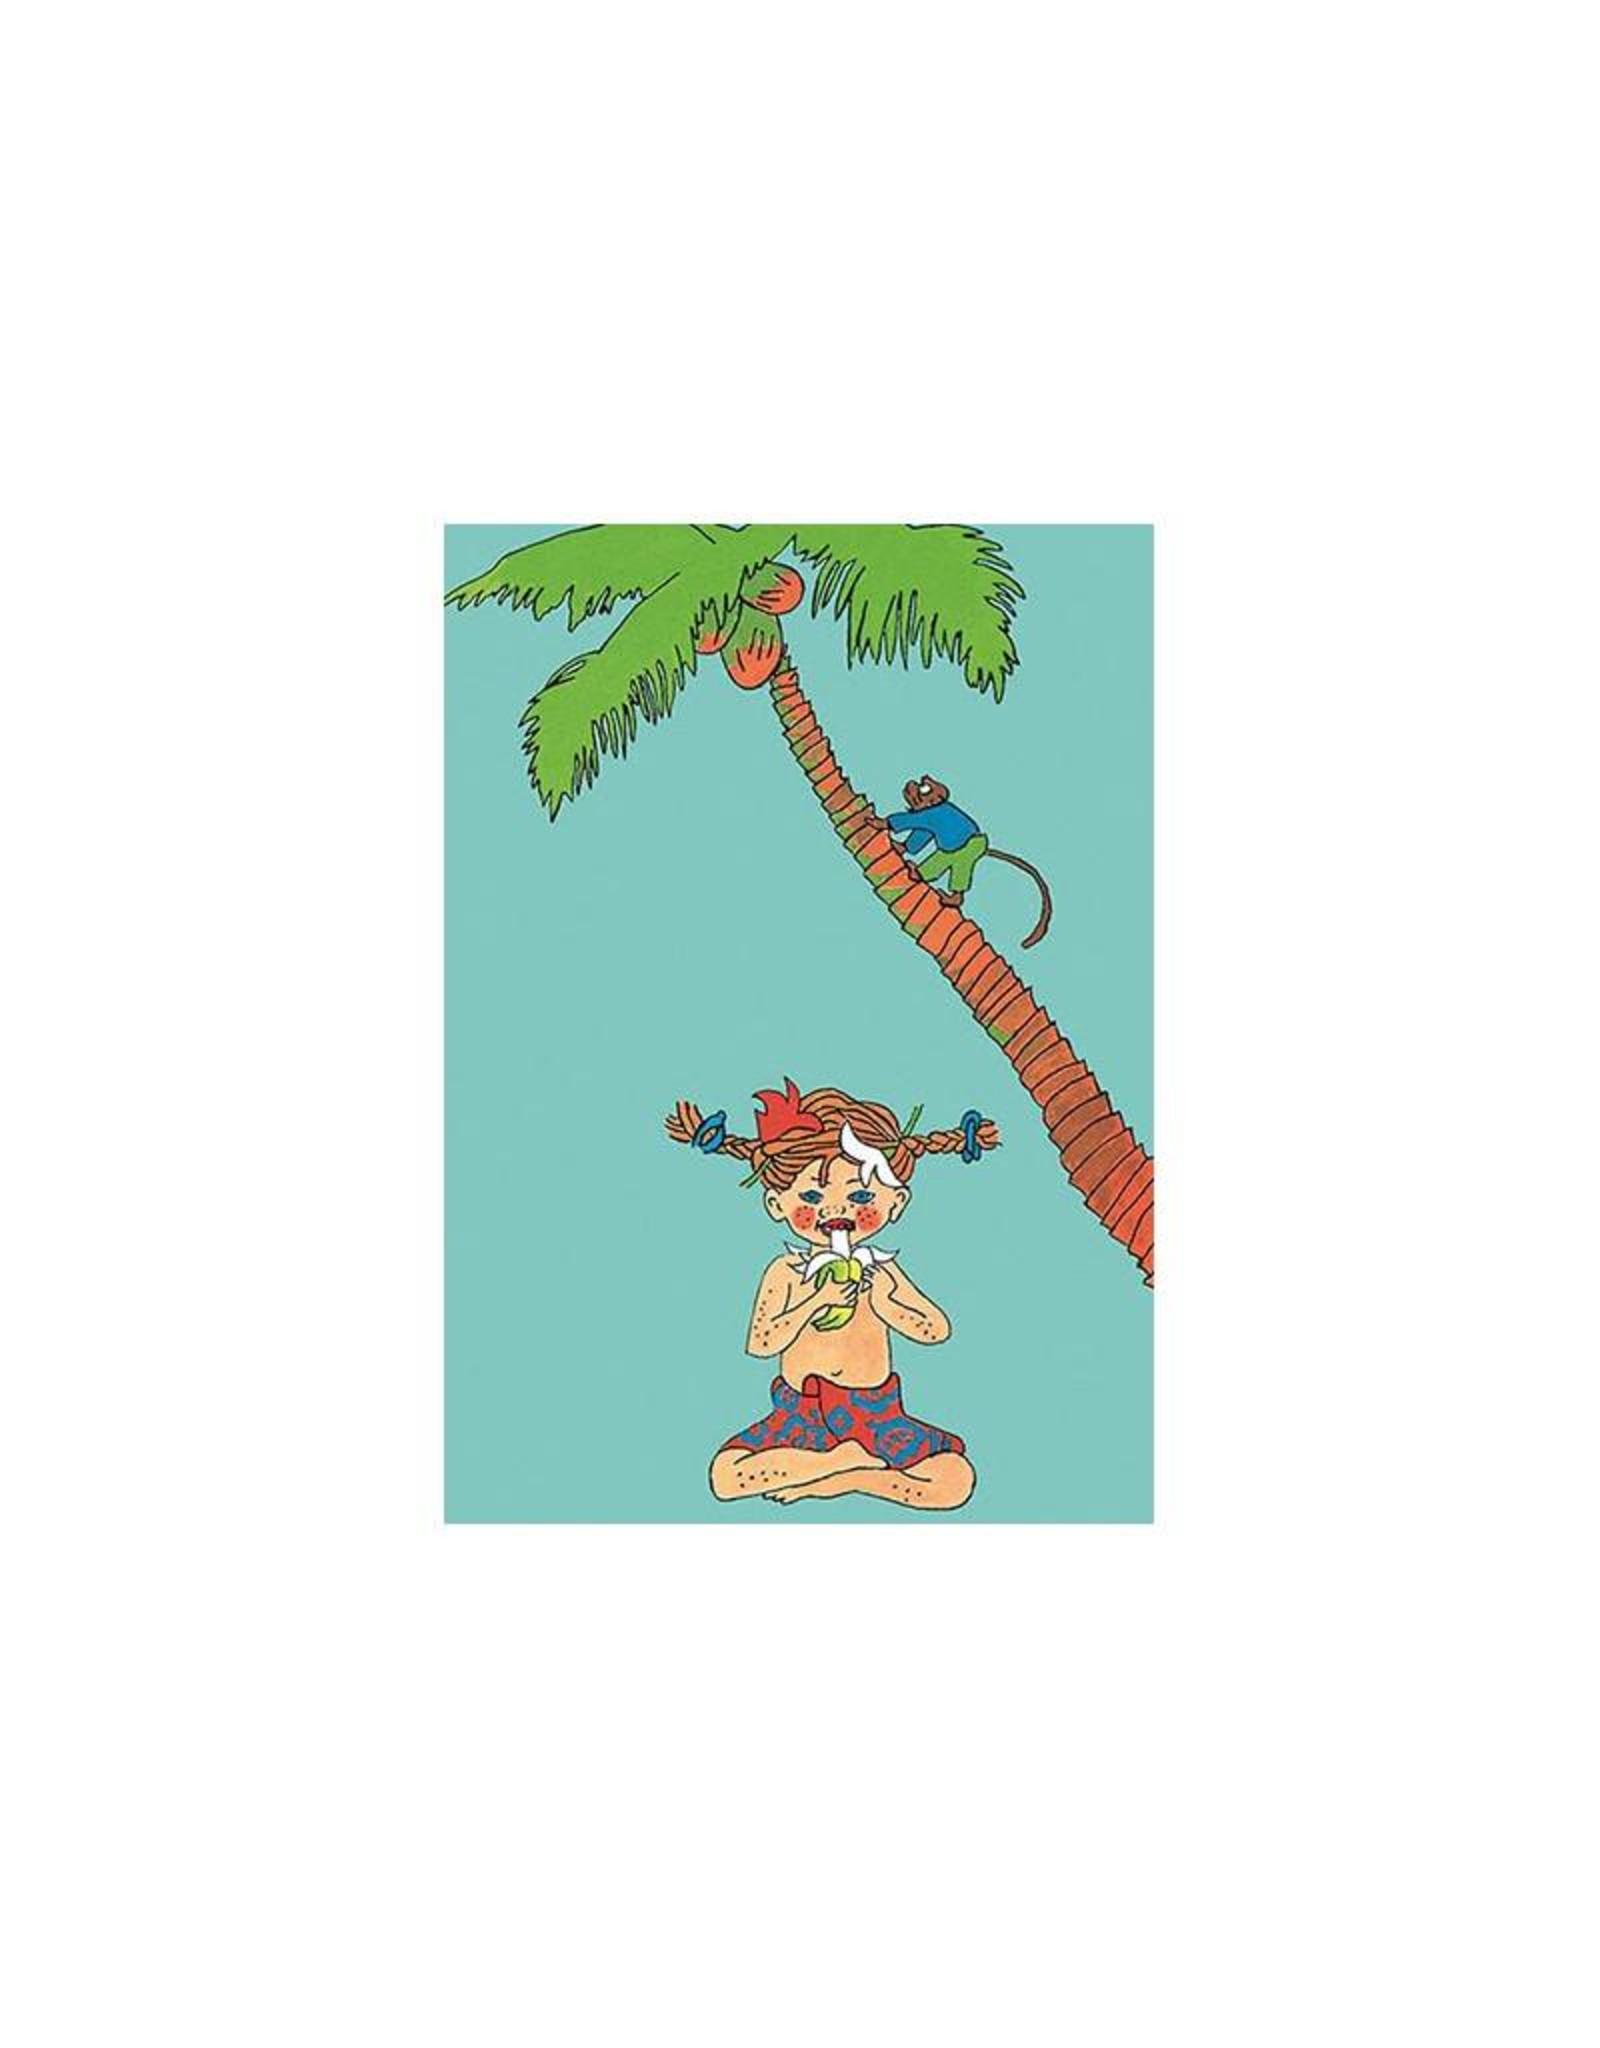 Pippi Langkous Pippi Langkous kaart - Taka-Tuka land